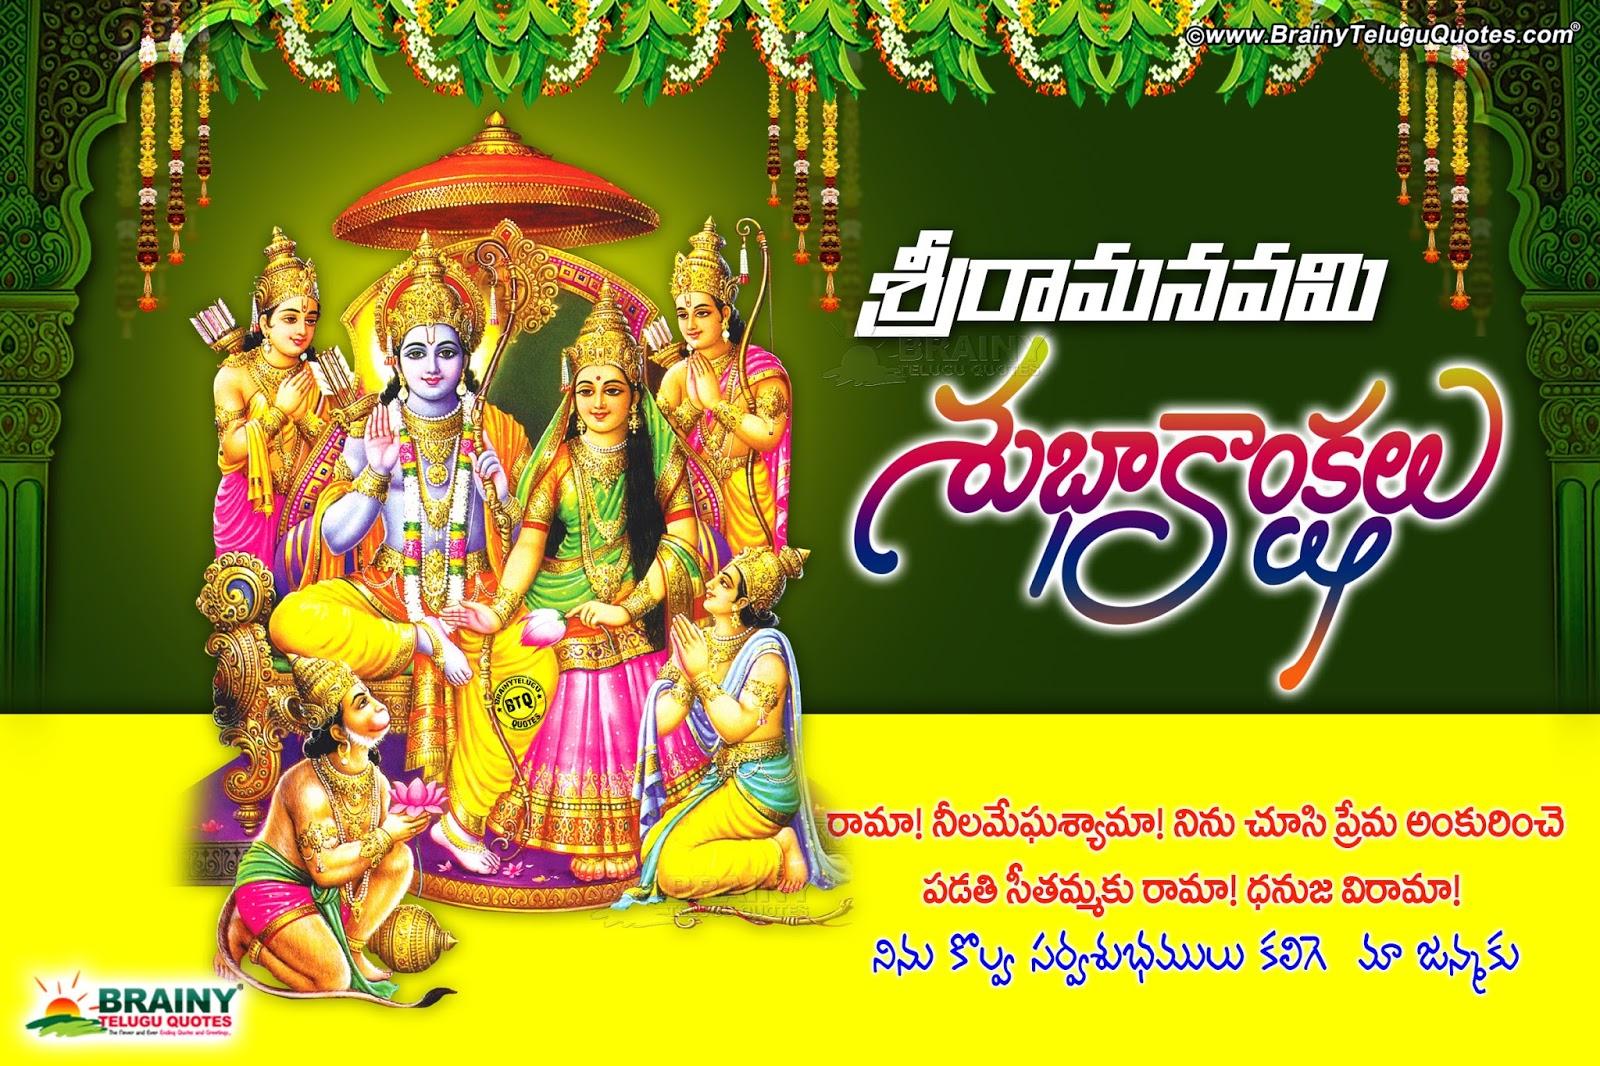 2018 sri ramanavami greetings hd wallpapers in telugu sri ramanavami happy sri ramanavami greetings in telugu best telugu sriramanavami images pictures m4hsunfo